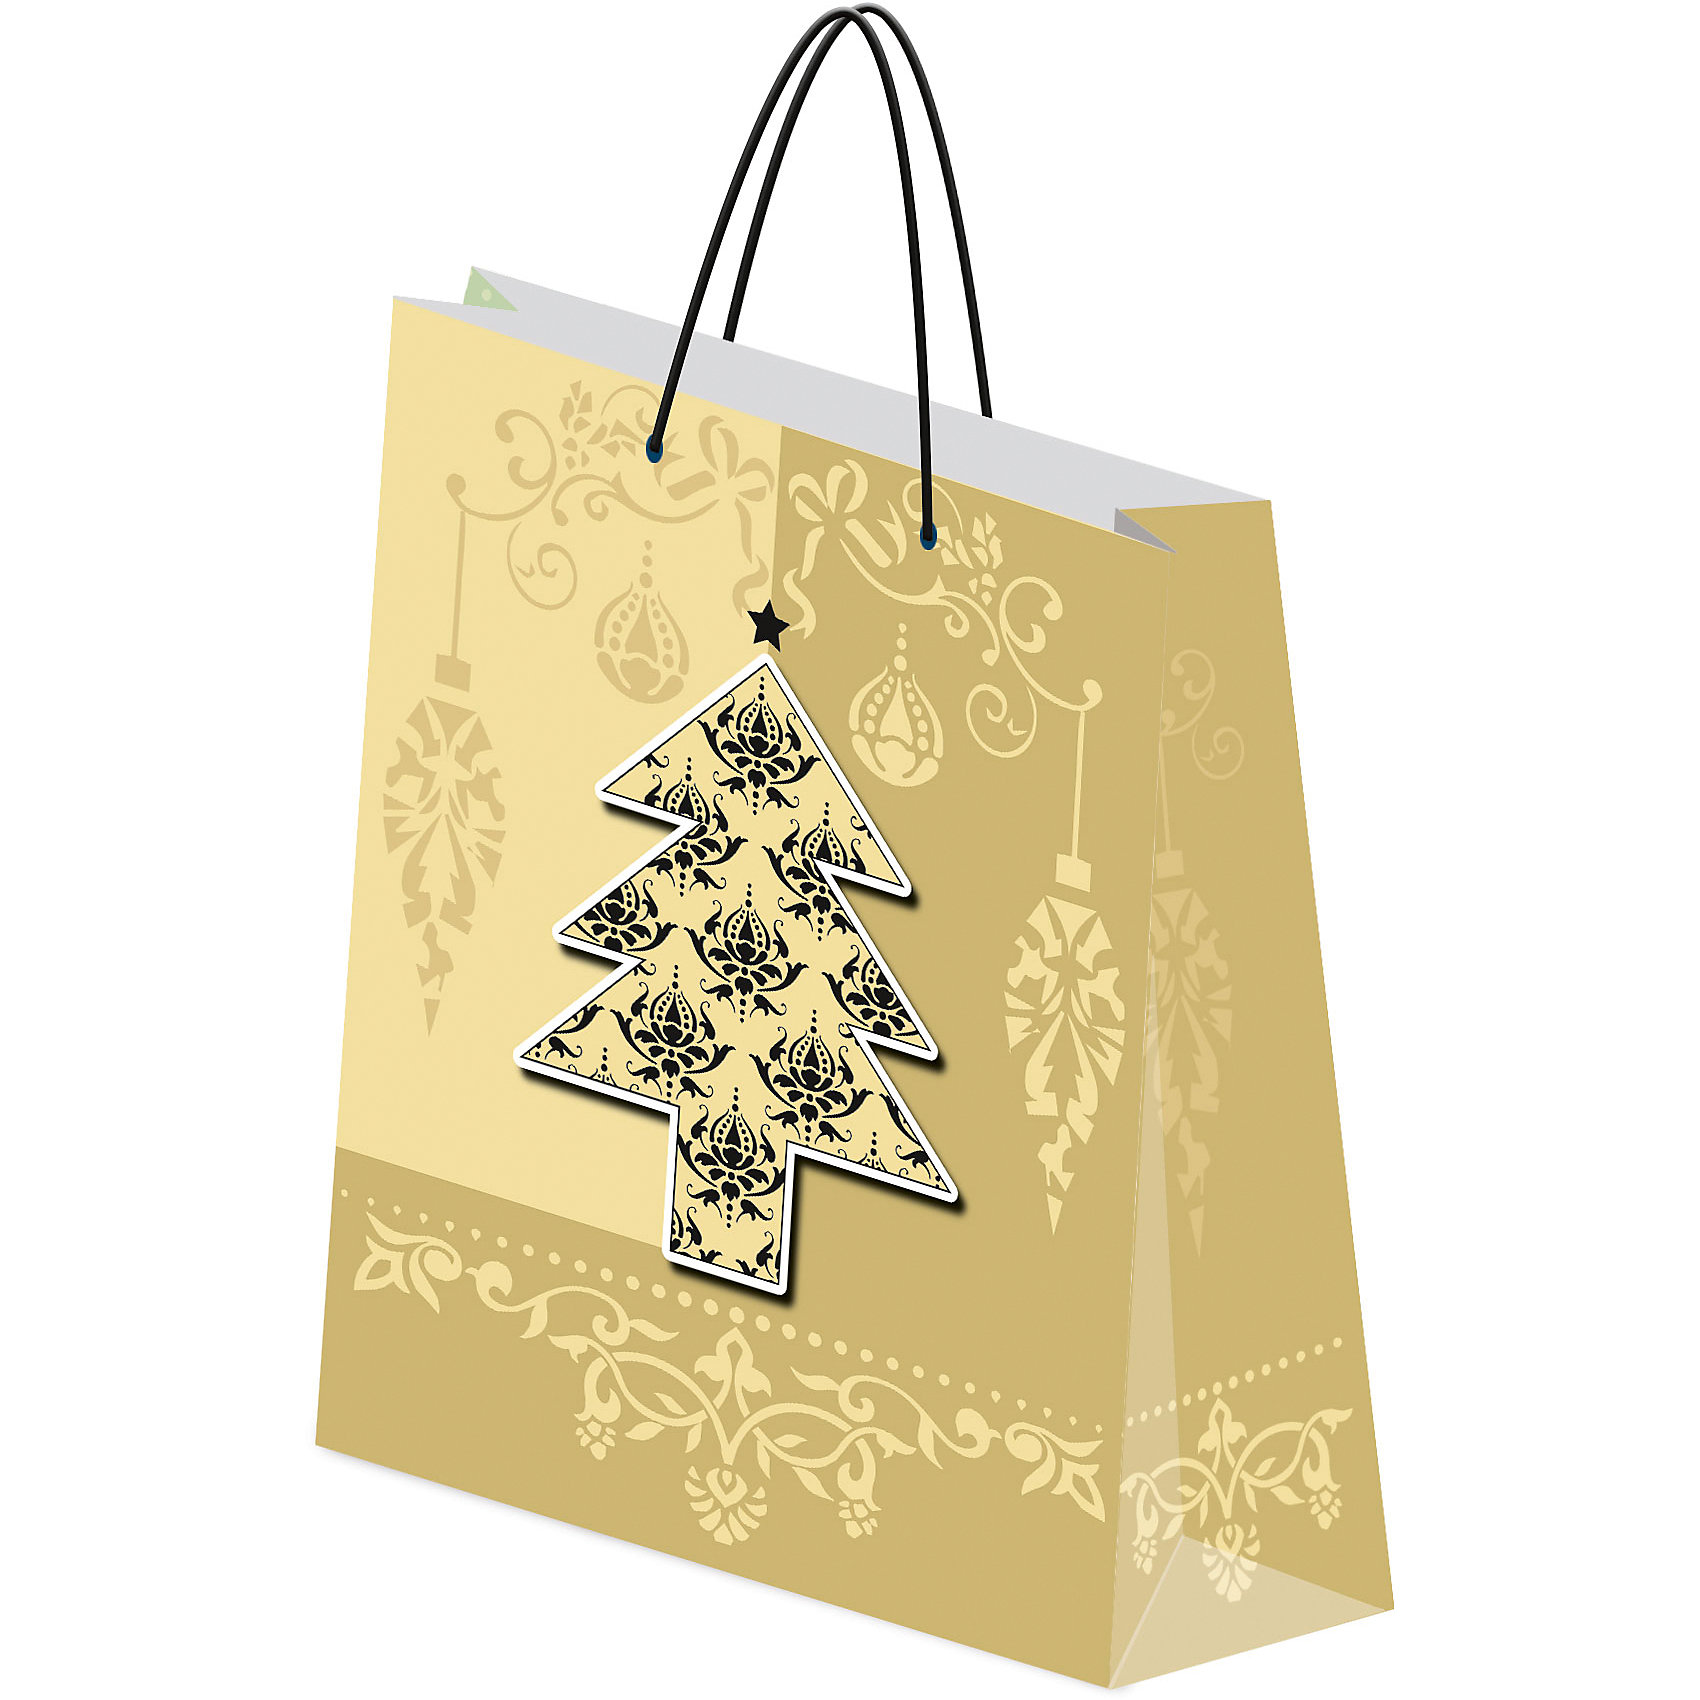 Подарочный пакет Новогодний 20*27*9,8 см с 3D-эффектомВсё для праздника<br>Красиво упакованный подарок приятно получать вдвойне! Прочный красивый пакет станет прекрасным дополнением к подарку.<br><br>Дополнительная информация:<br><br>- Материал: бумага.<br>- Размер: 20 х 27 х 9,8 cм.<br>- Эффект: 3D, глиттер, матовая ламинация.<br>- Ручки - ленточки. <br><br>Подарочный пакет Новогодний, 20х27х9,8 см с 3D-эффектом, можно купить в нашем магазине.<br><br>Ширина мм: 2<br>Глубина мм: 20<br>Высота мм: 27<br>Вес г: 60<br>Возраст от месяцев: 84<br>Возраст до месяцев: 2147483647<br>Пол: Унисекс<br>Возраст: Детский<br>SKU: 4381381